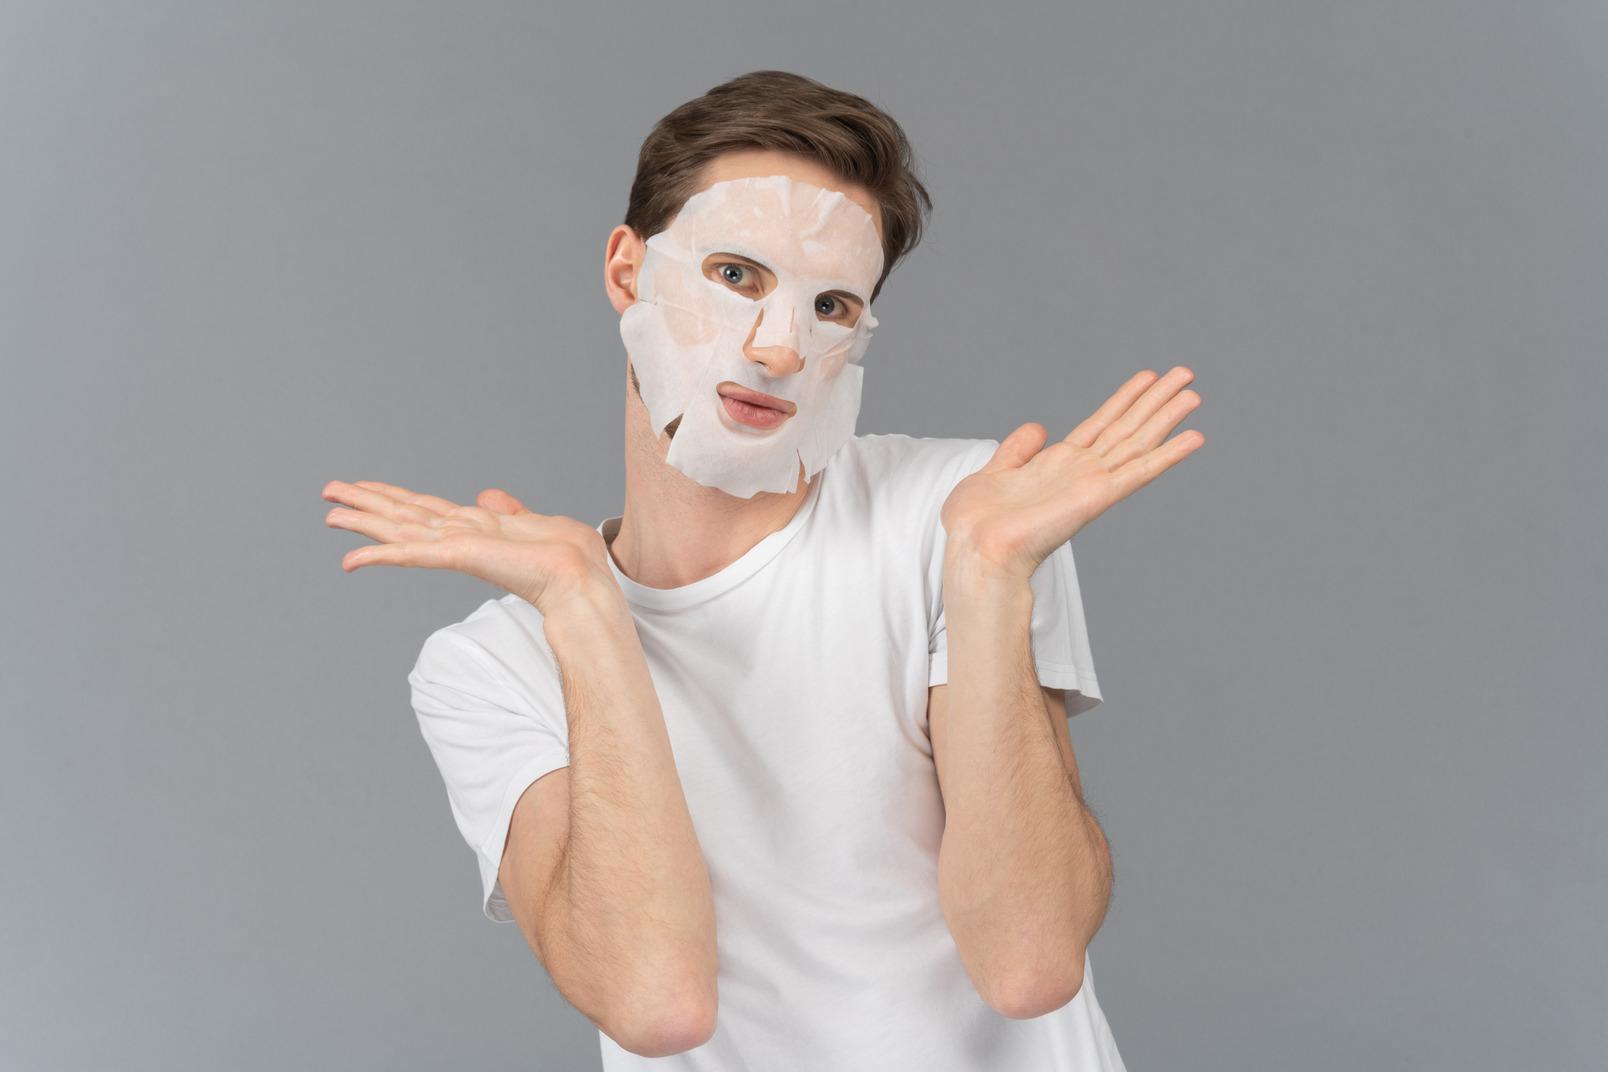 顔のマスクでポーズをとる若い男の正面図